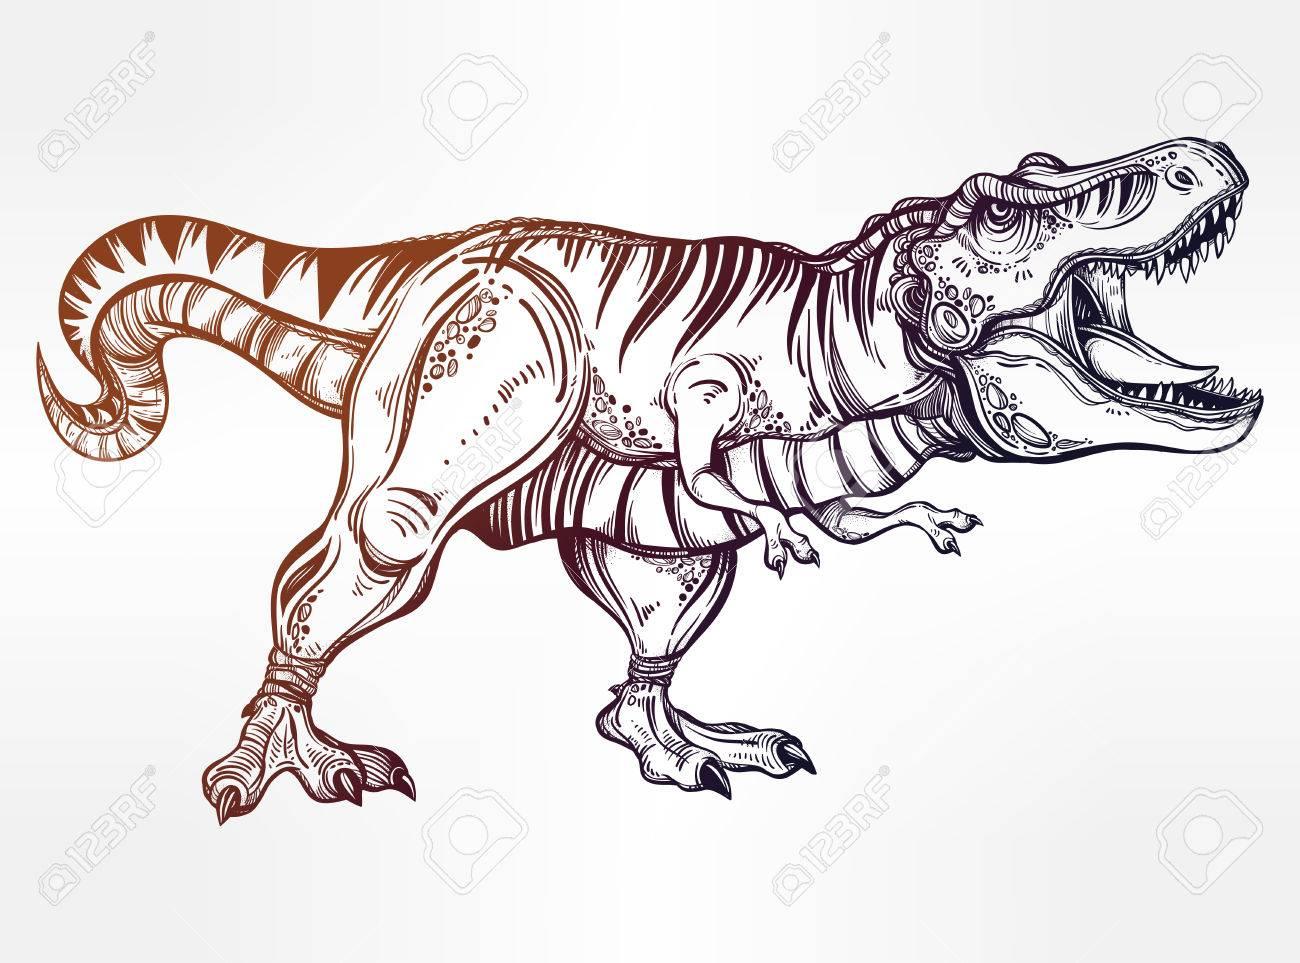 Ziemlich T Rex Dinosaurier Malvorlagen Ideen - Malvorlagen Von ...